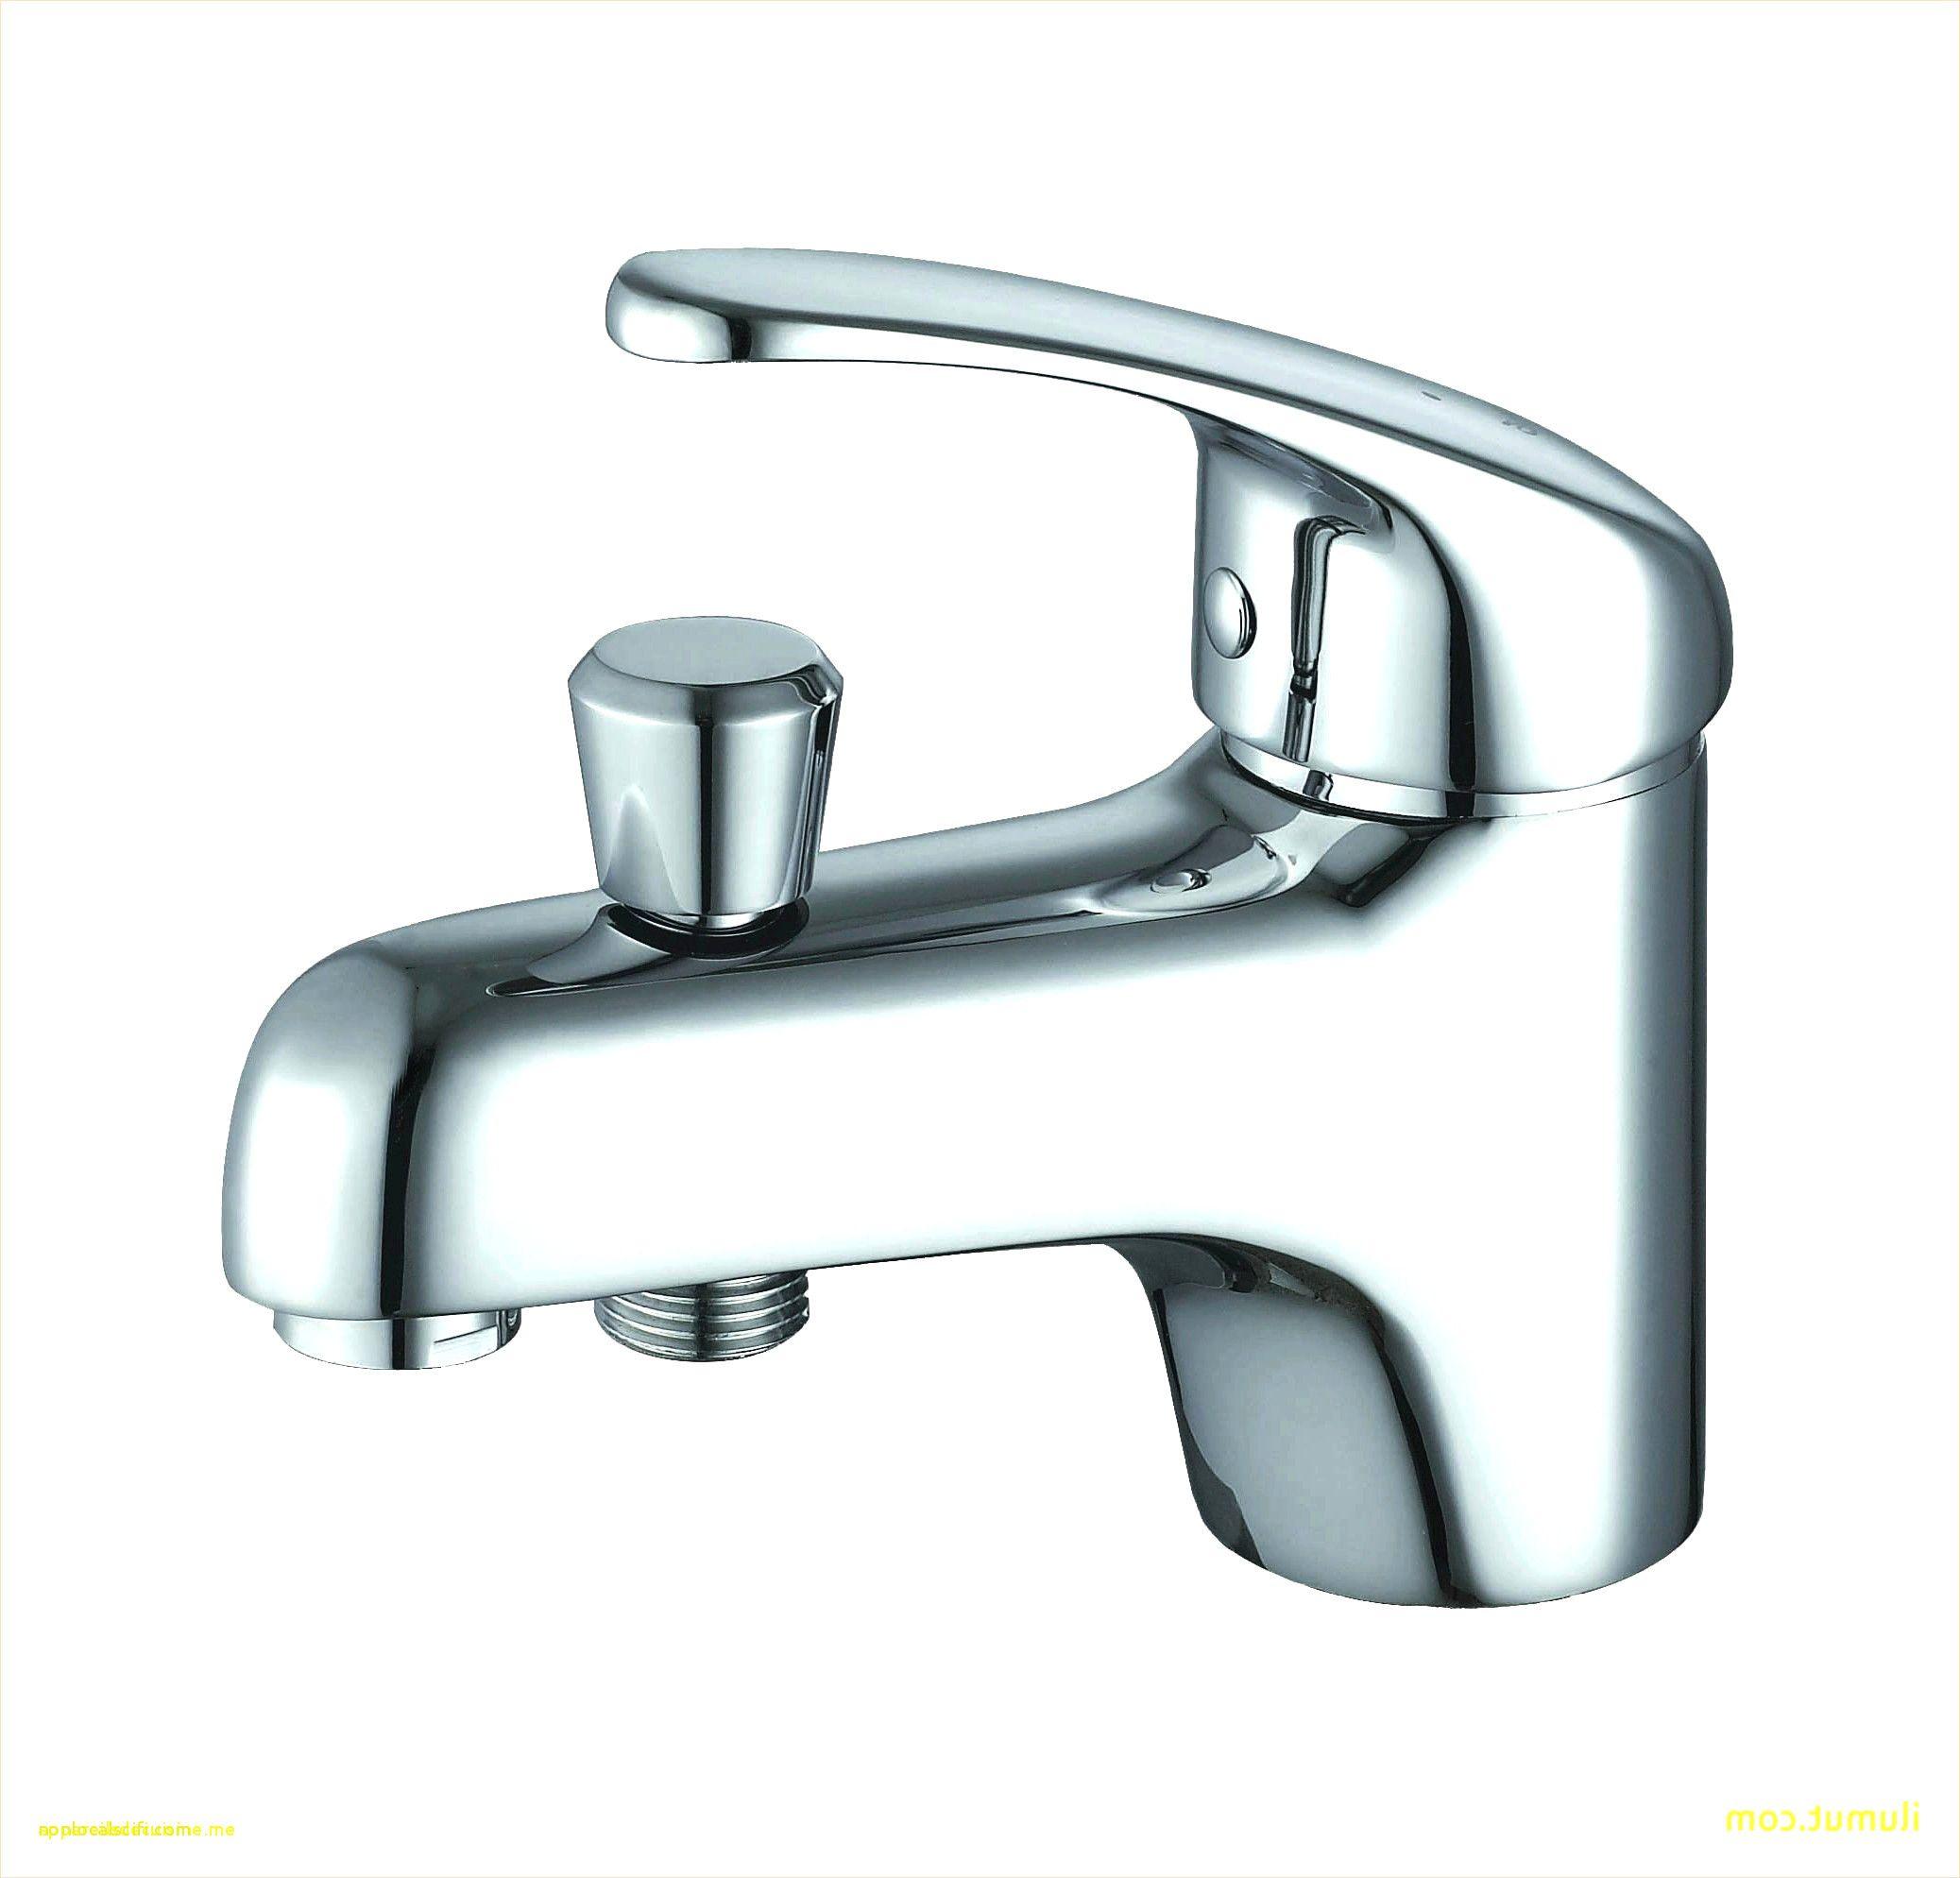 Robinet Thermostatique Pour Baignoire Vous Voudrez Vous Avoir Essaye Plus Tot Sink